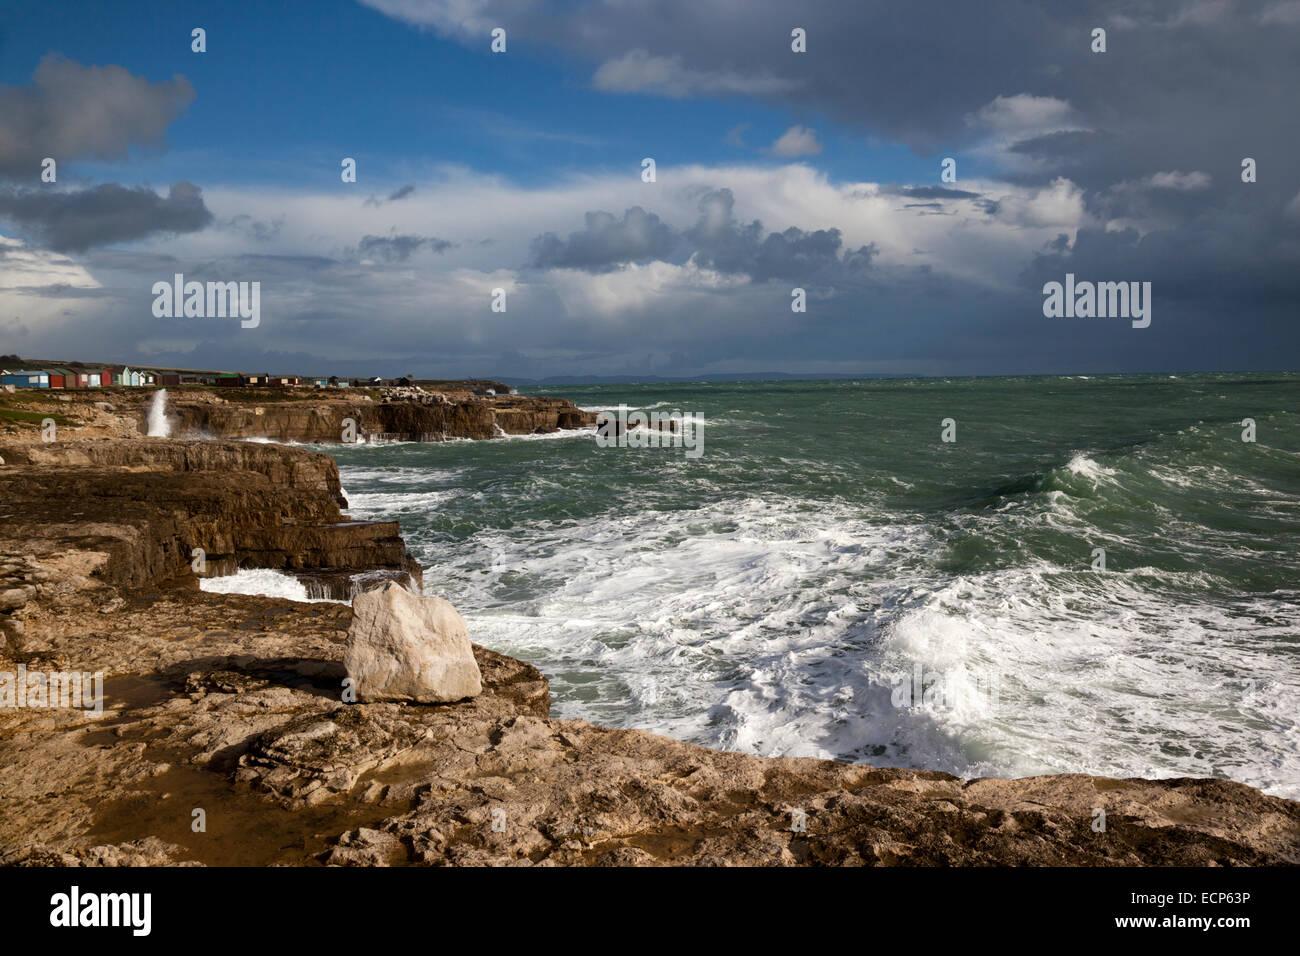 Costas rocosas y mares ásperos en Portland Bill, Dorset en noviembre Inglaterra, Reino Unido Foto de stock